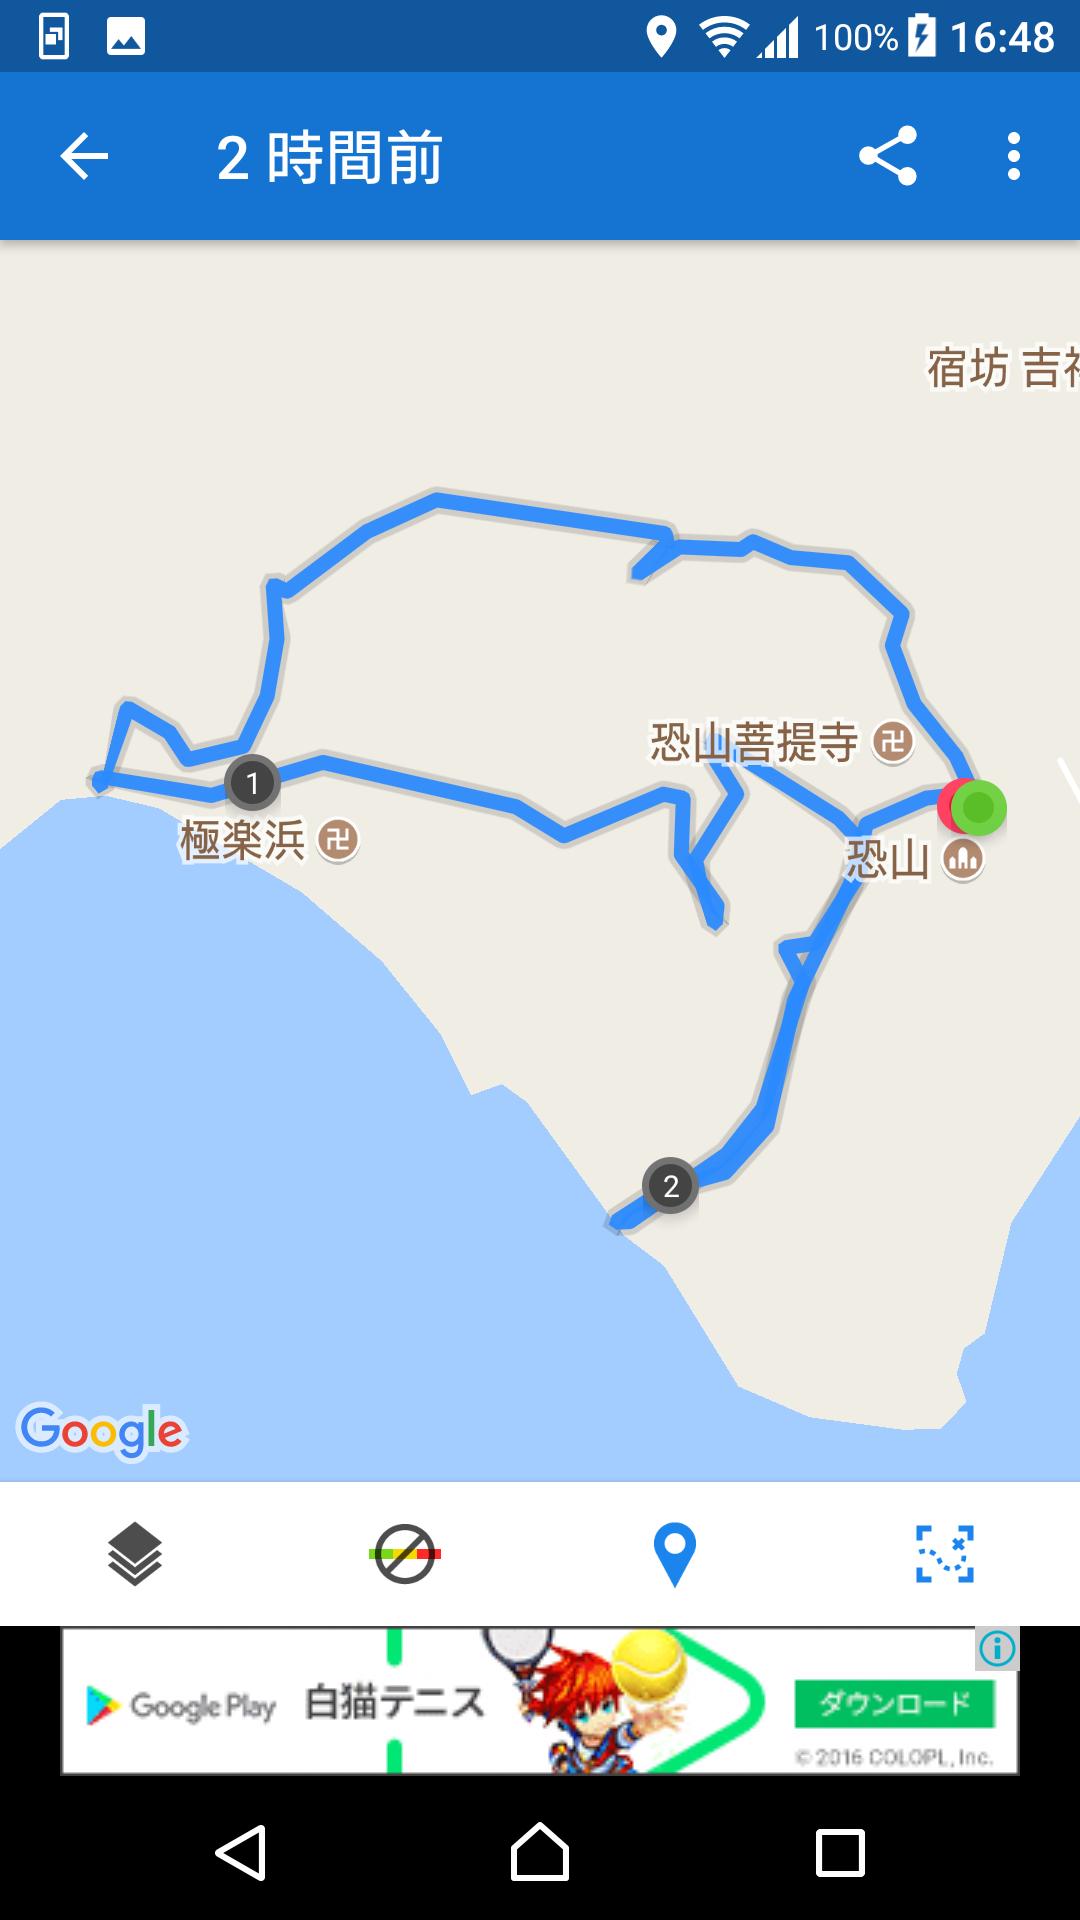 f:id:ynakayama27:20170704171830p:plain